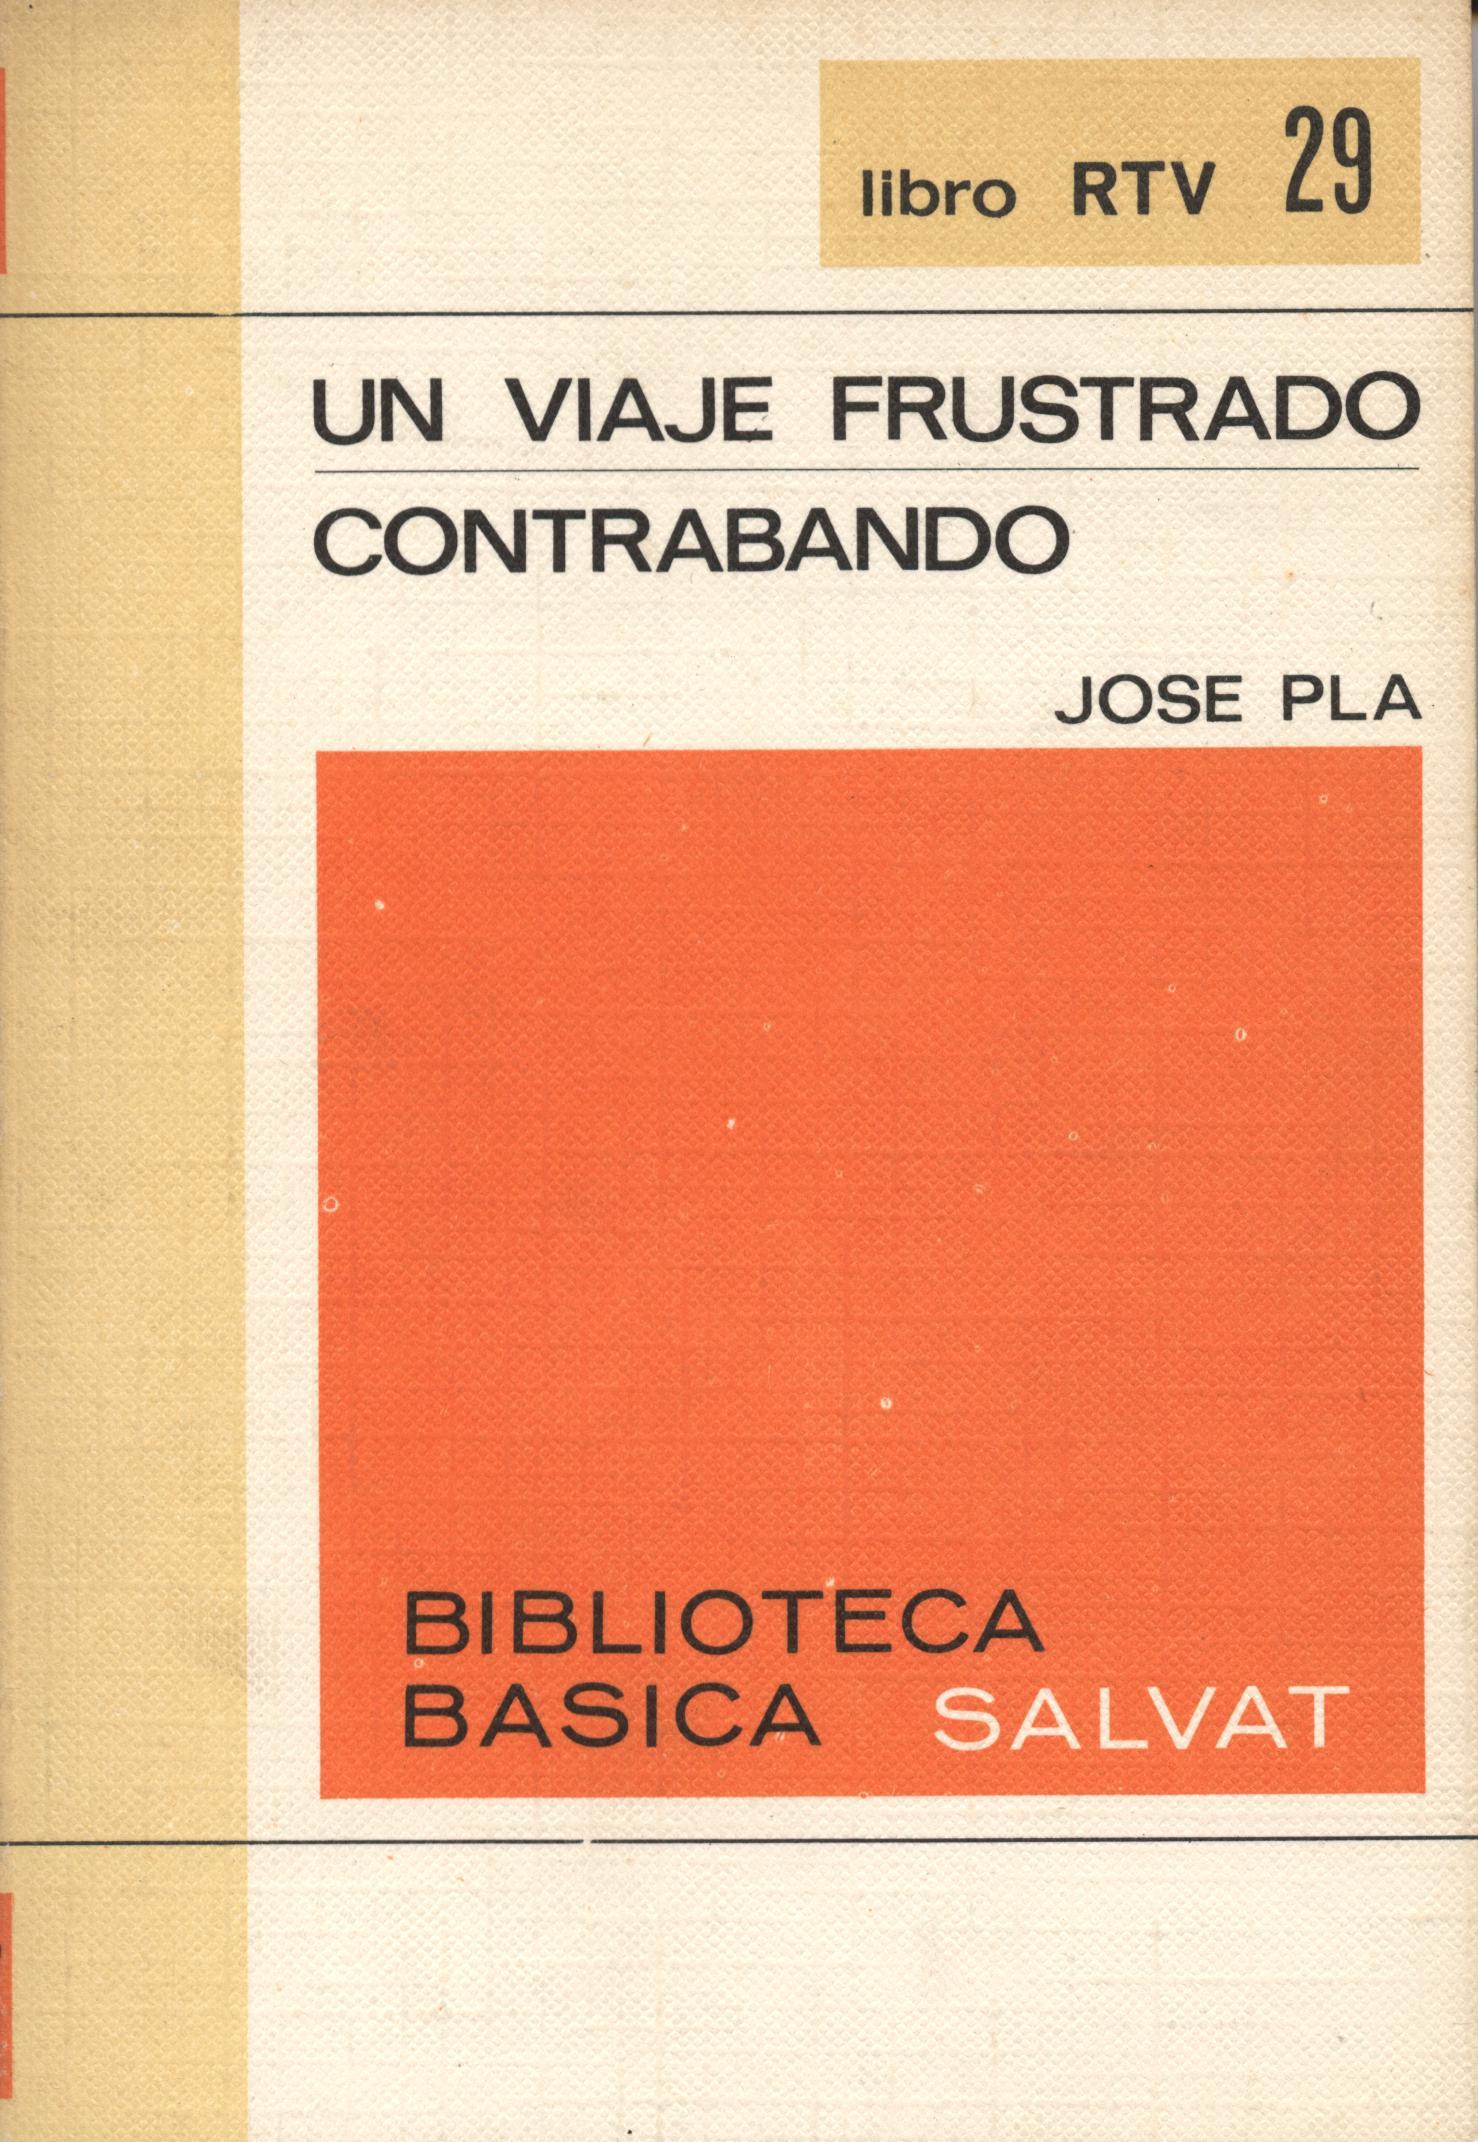 Venta online de libros de ocasión como Un viaje frustrado + Contrabando - Josep Pla en bratac.cat